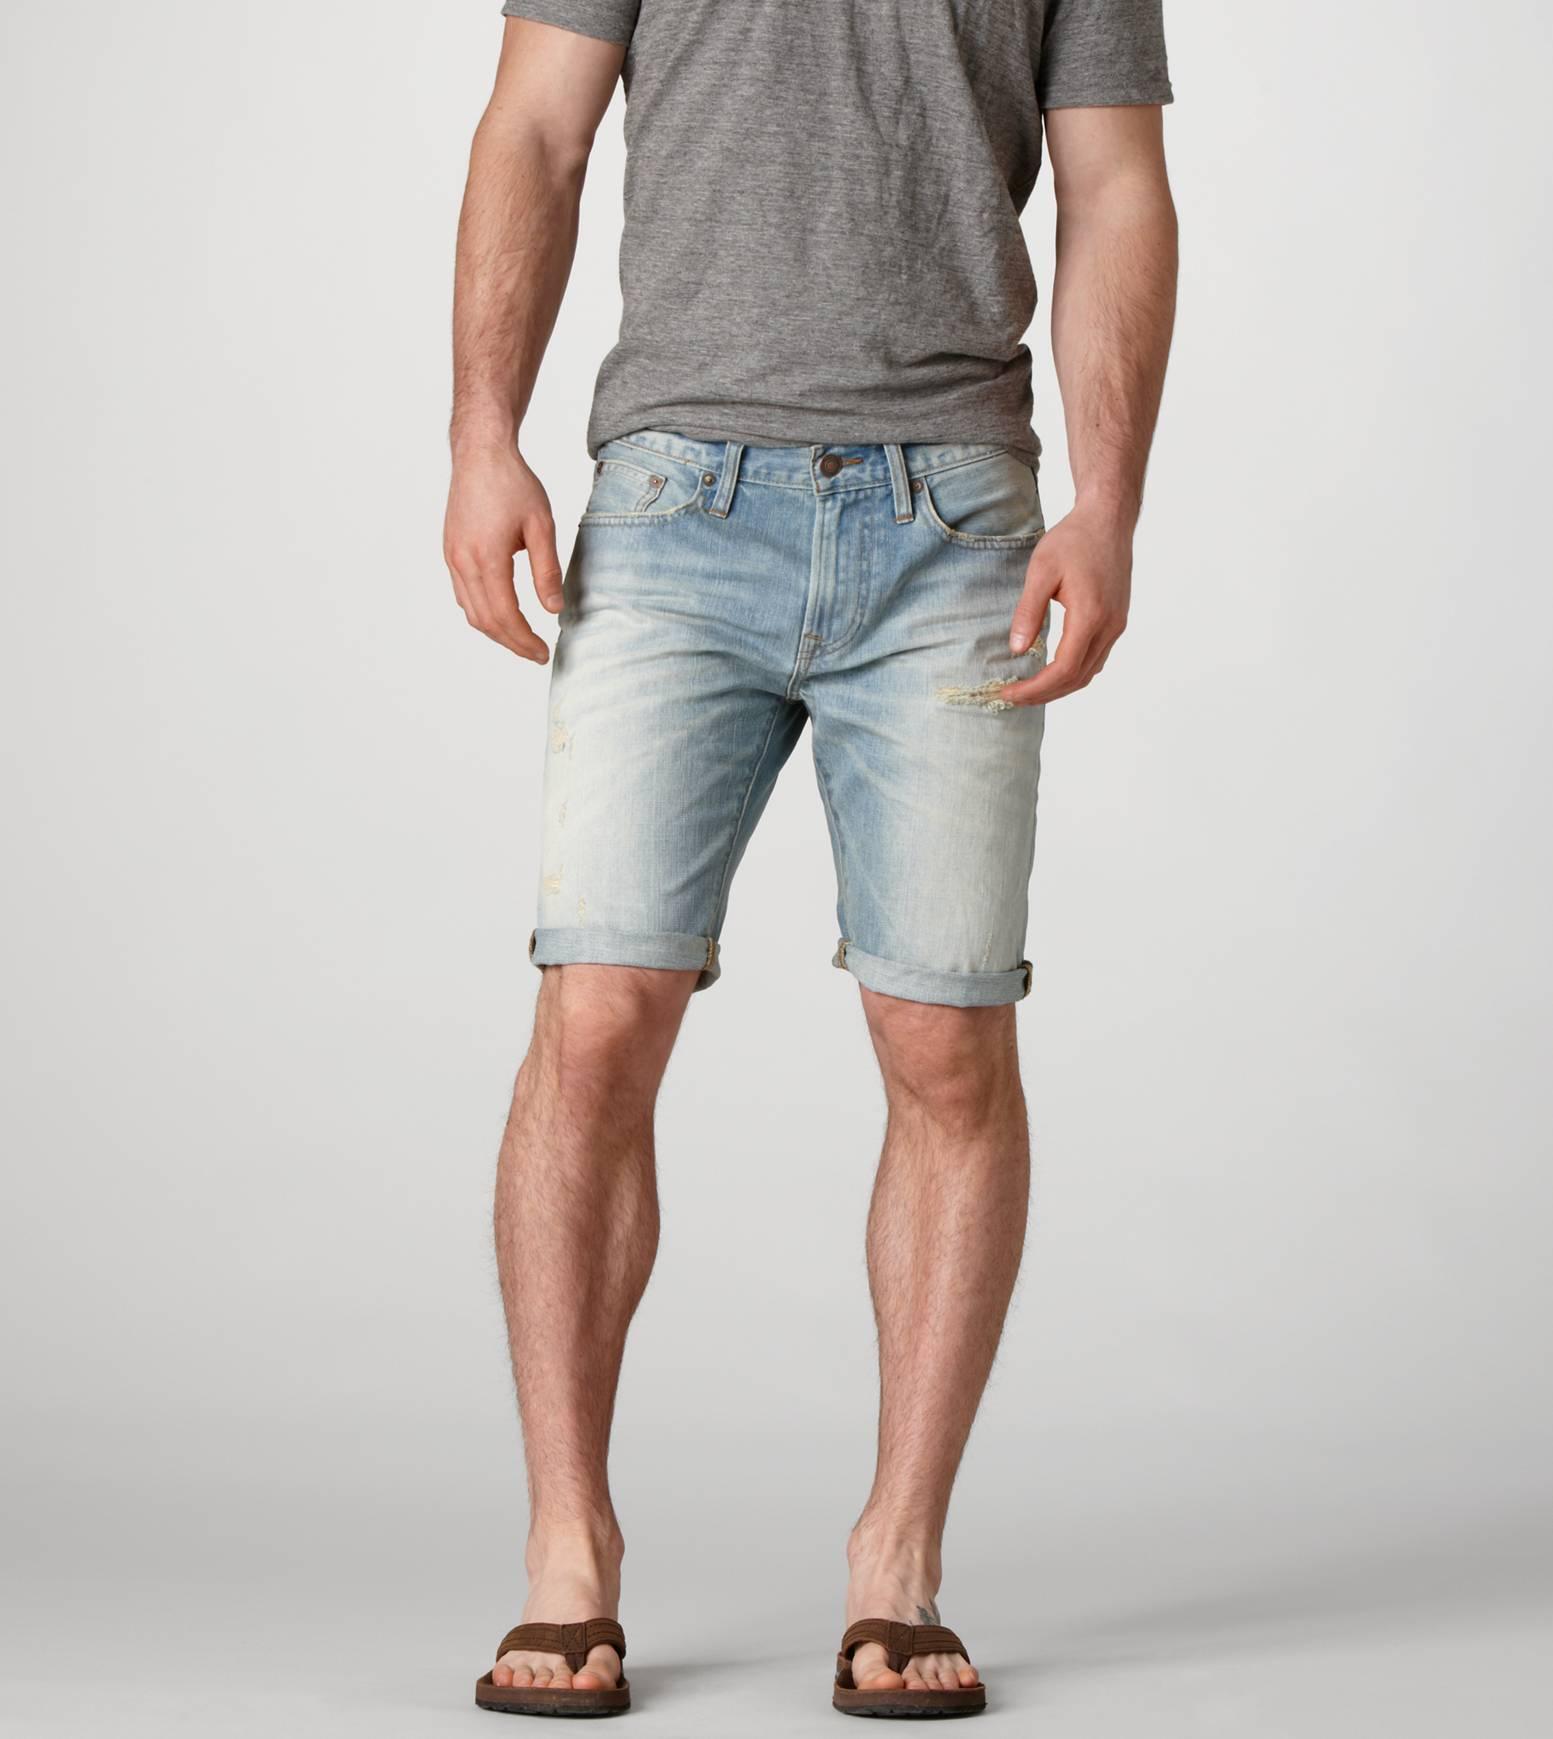 Внешней торговли, оригинальные джинсовые брюки мужские летние одежду моют в старой джинсовой керлинг брюки плюс размер